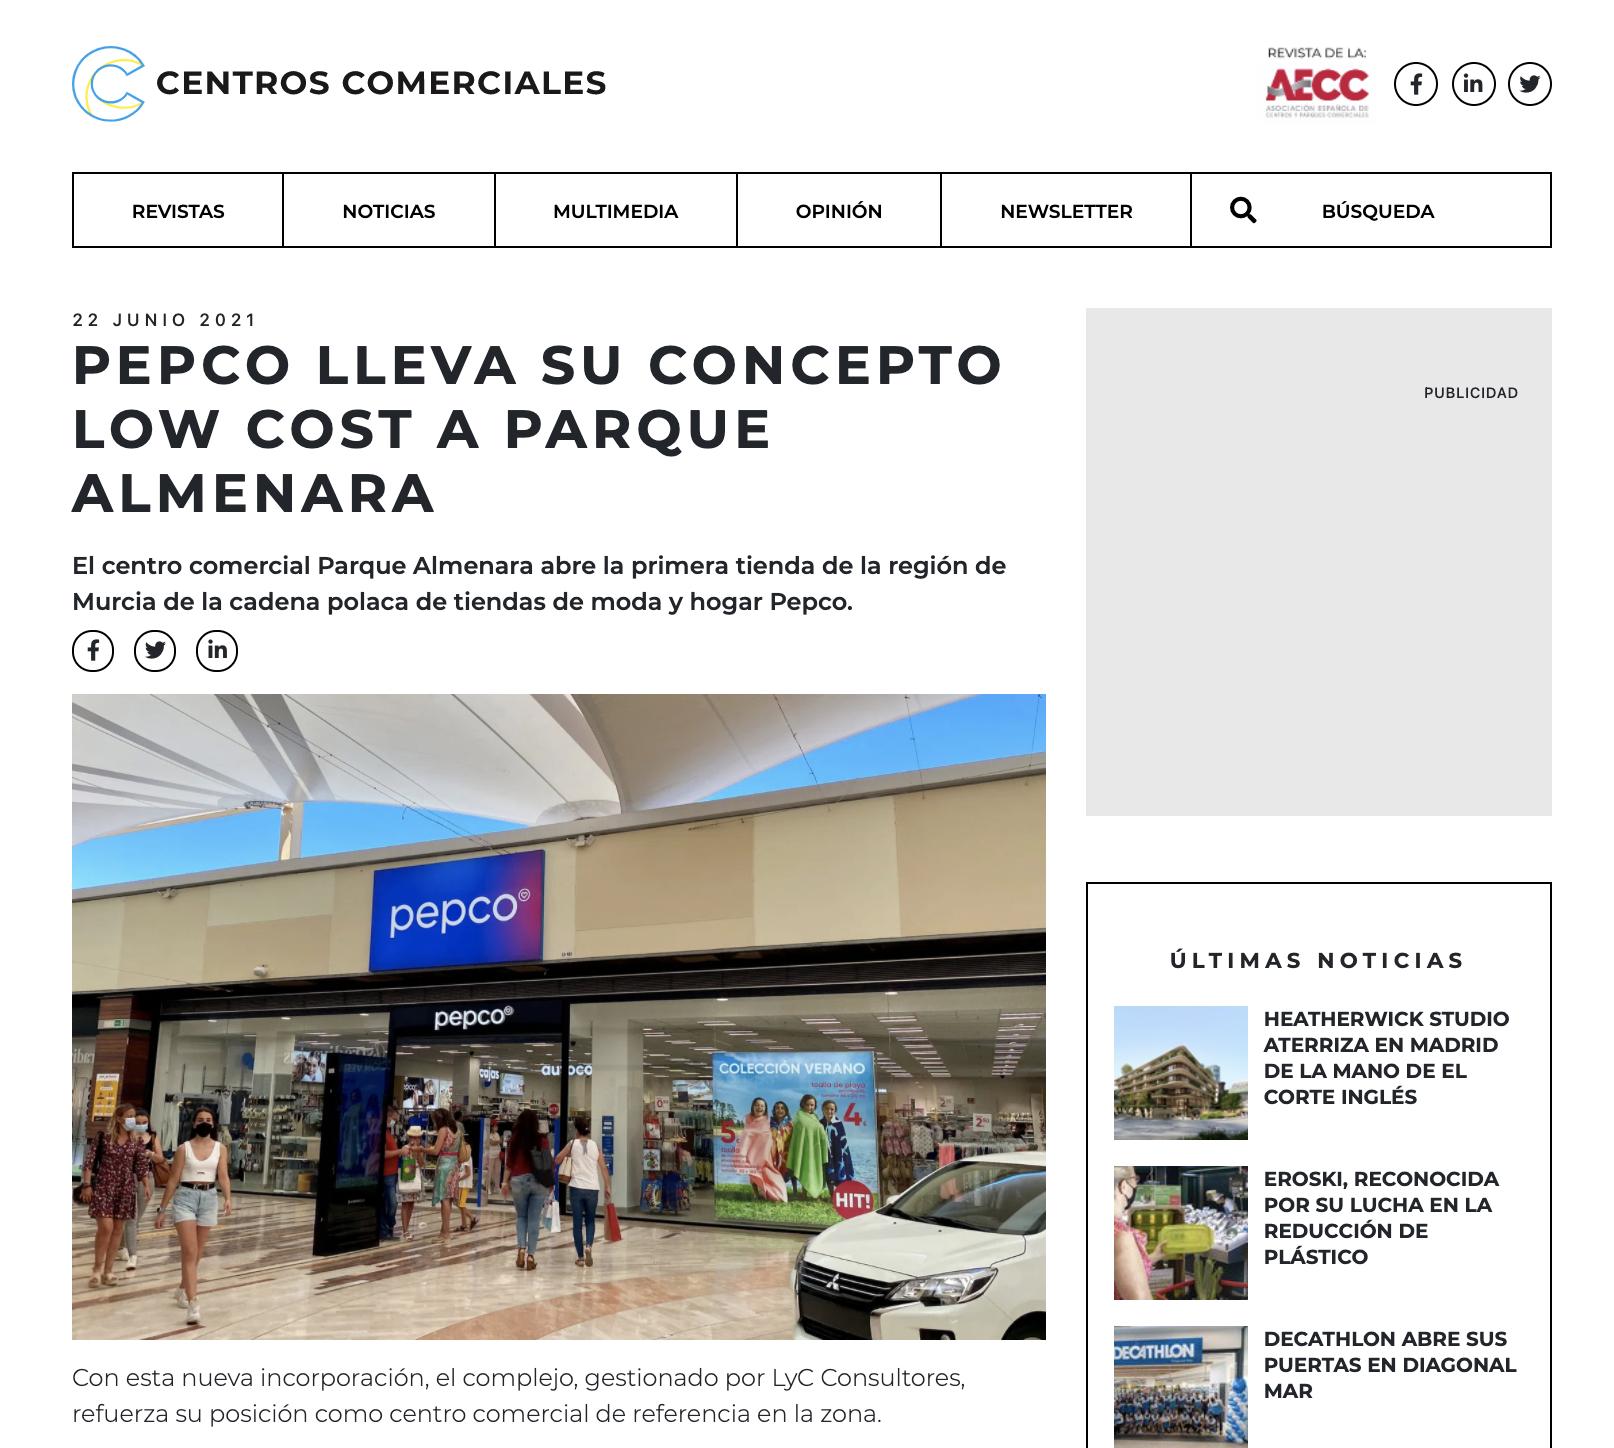 Pepco lleva su concepto low cost a Parque Almenara